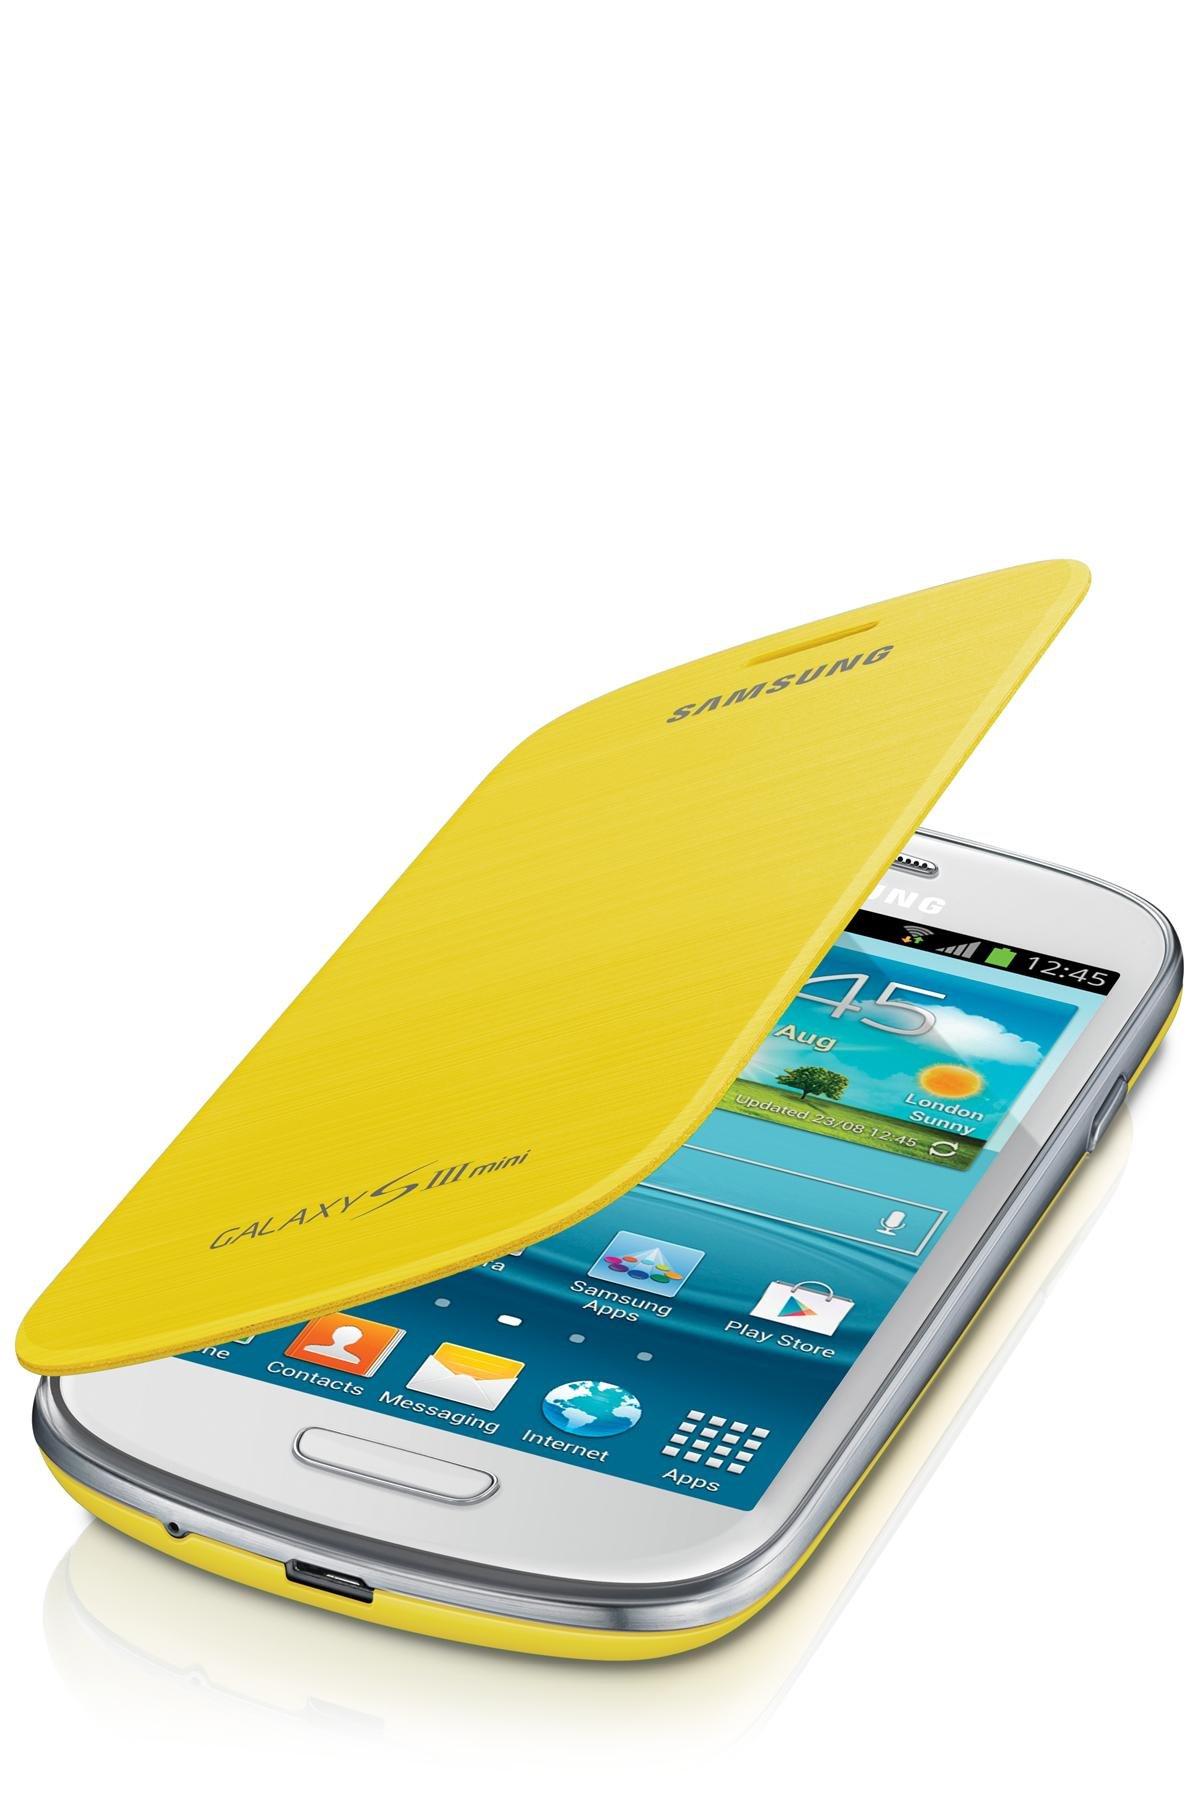 Samsung Flip - Funda para móvil Galaxy S3 Mini (Permite hablar con la tapa cerrada, sustituye a la tapa trasera), amarillo: Amazon.es: Electrónica